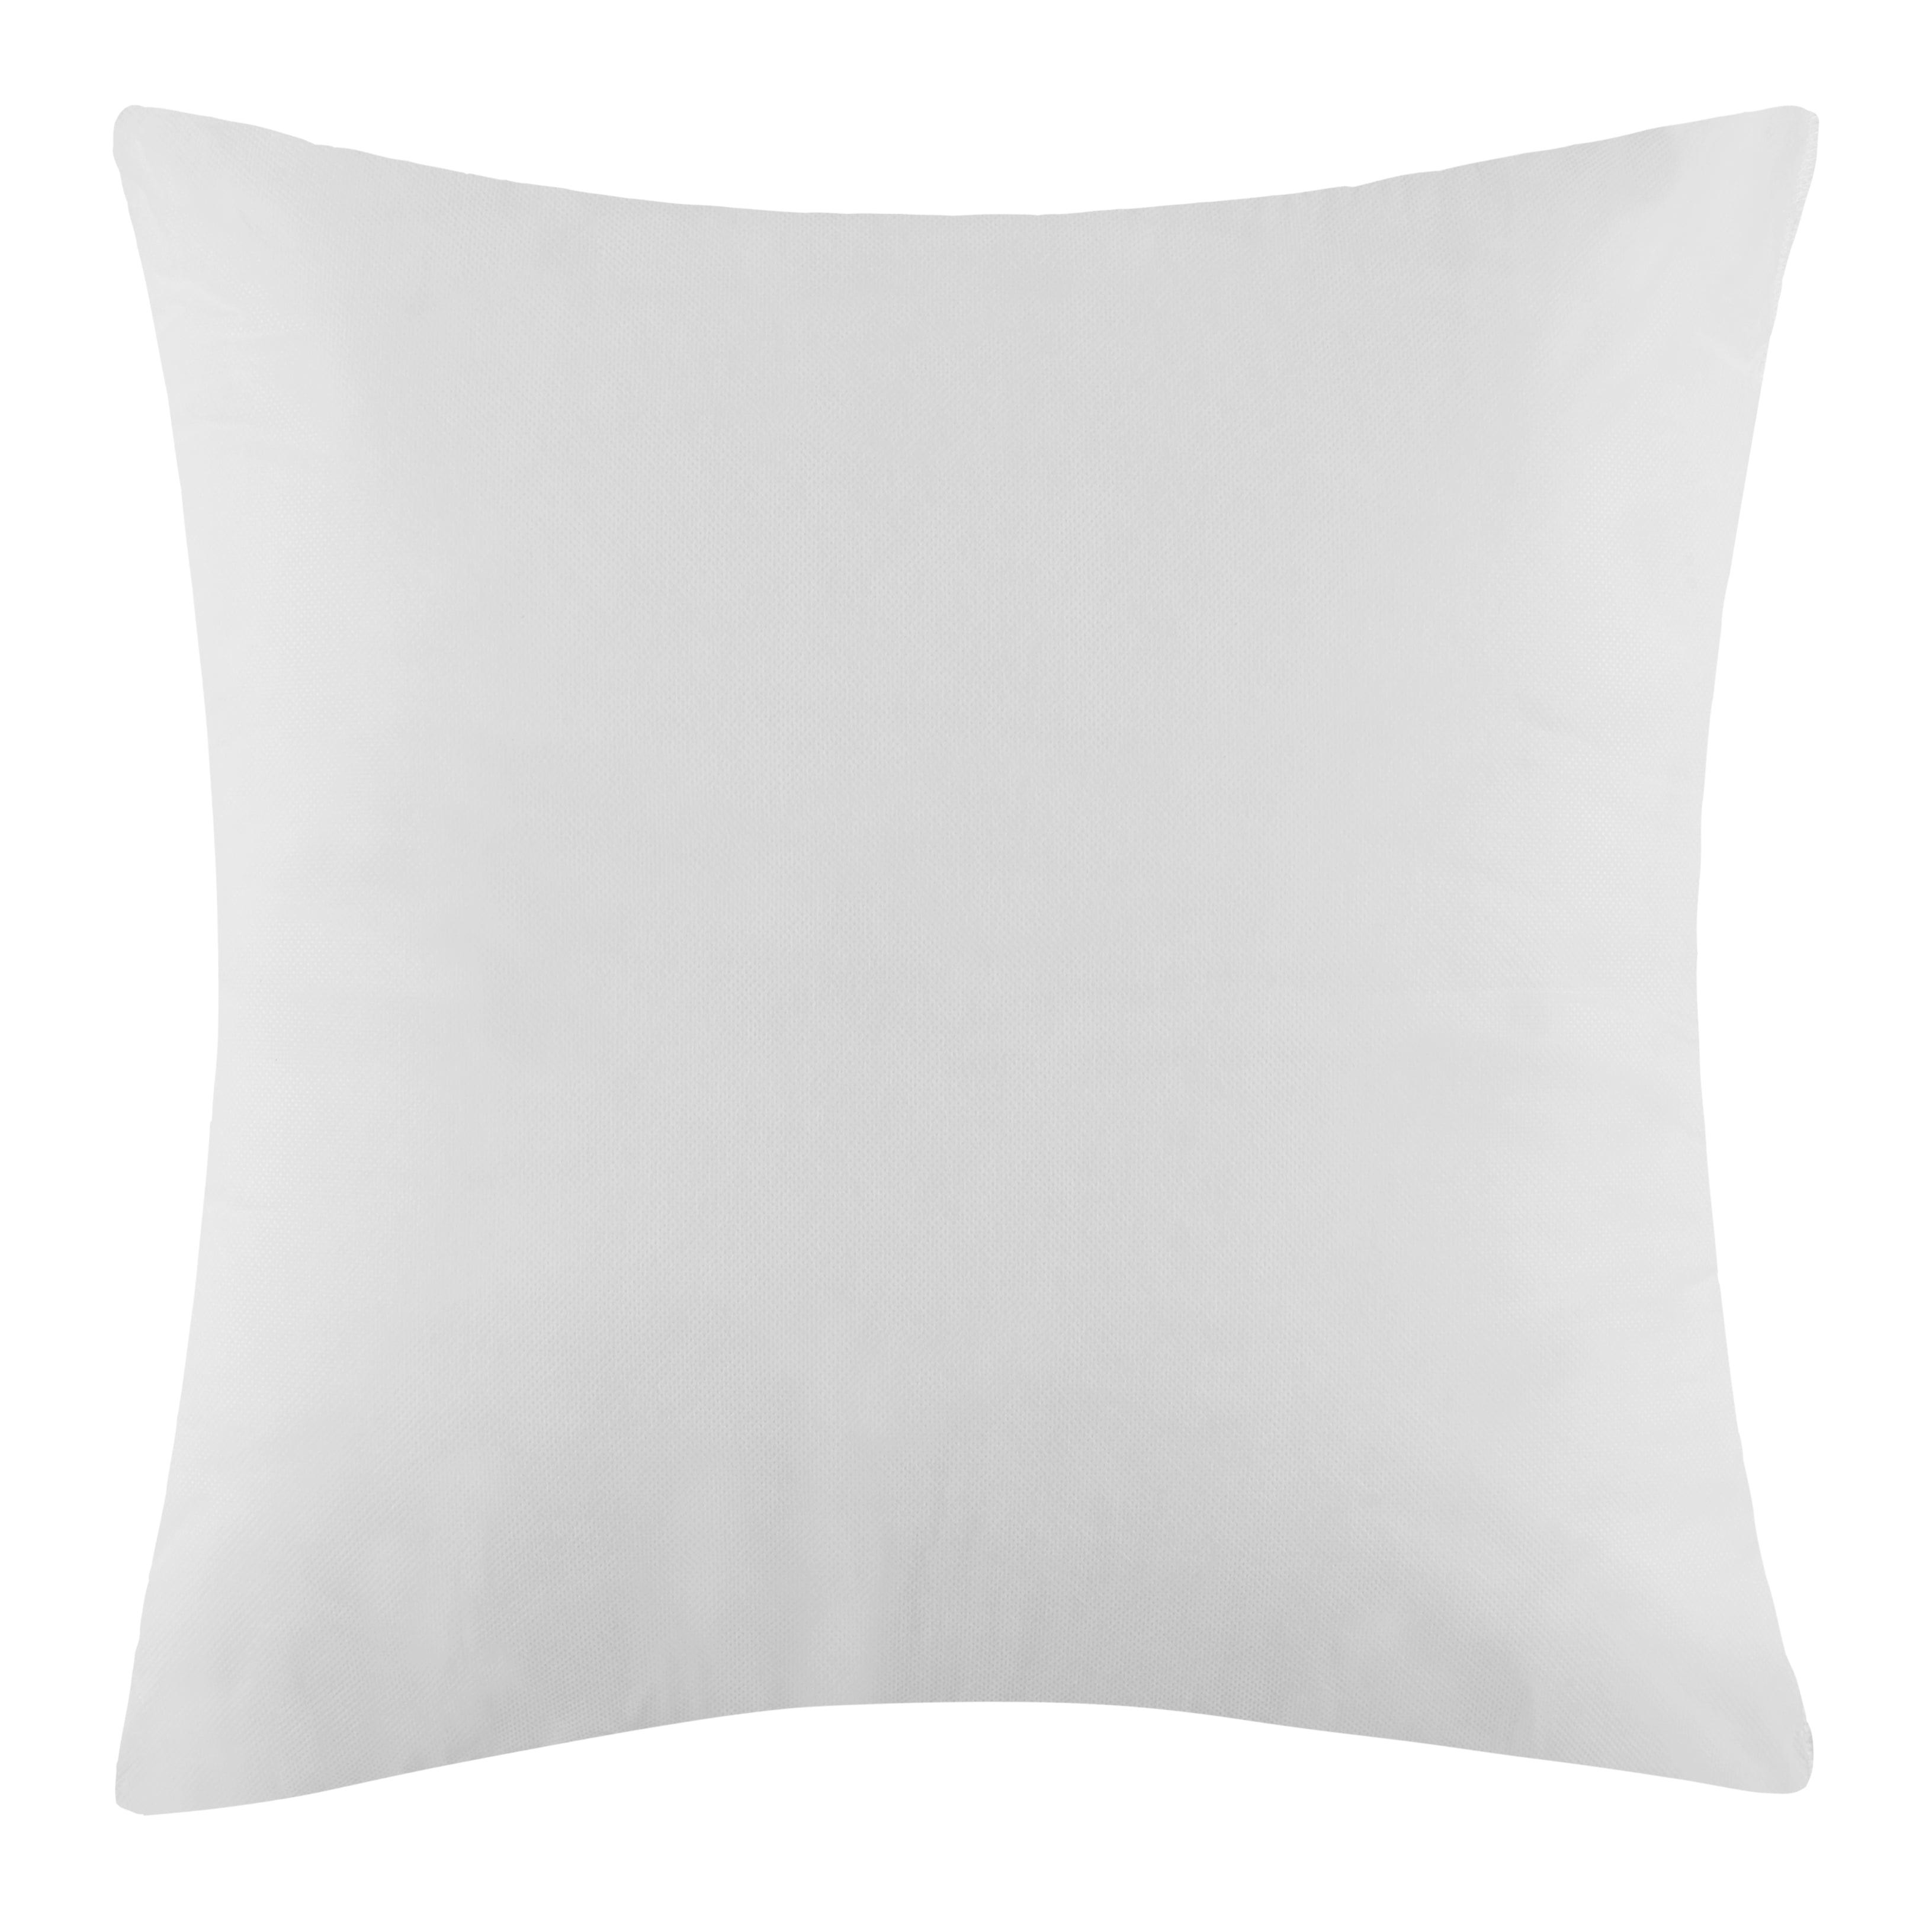 Coussin de garnissage 50x50 cm Blanc